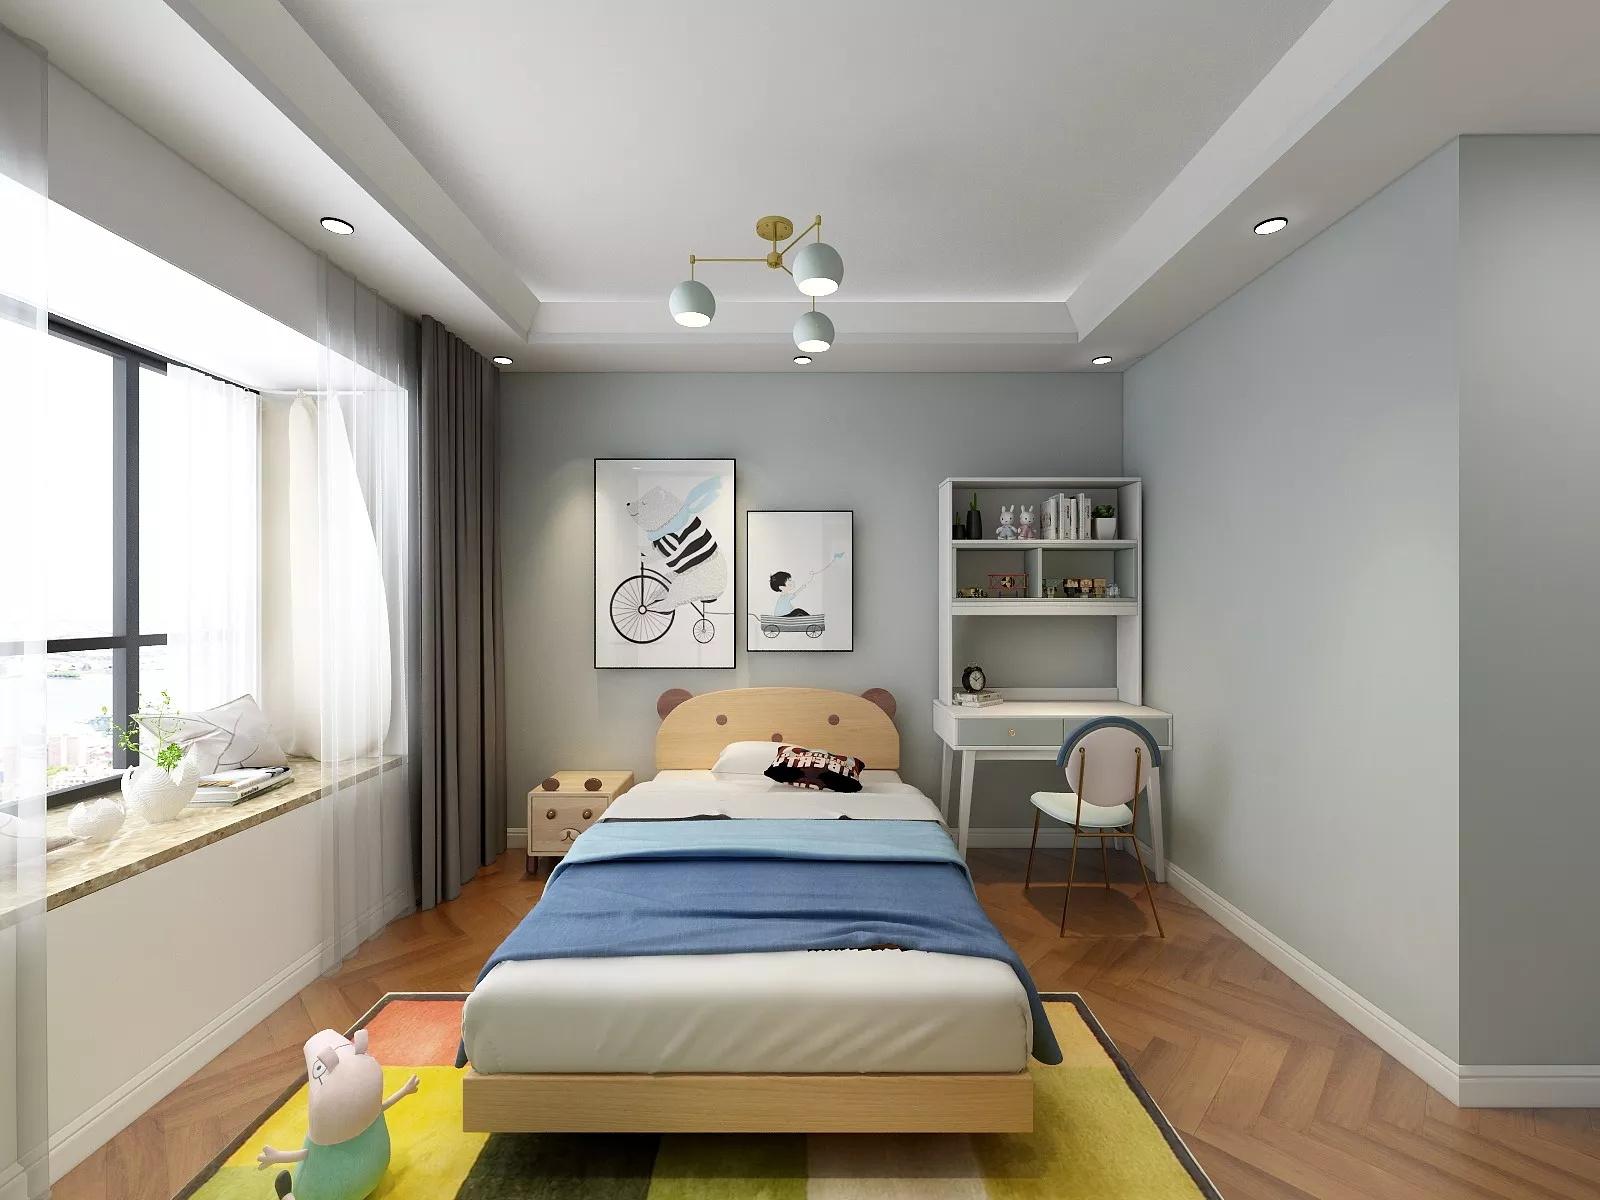 2018年儿童房间装修效果图 儿童房装修攻略